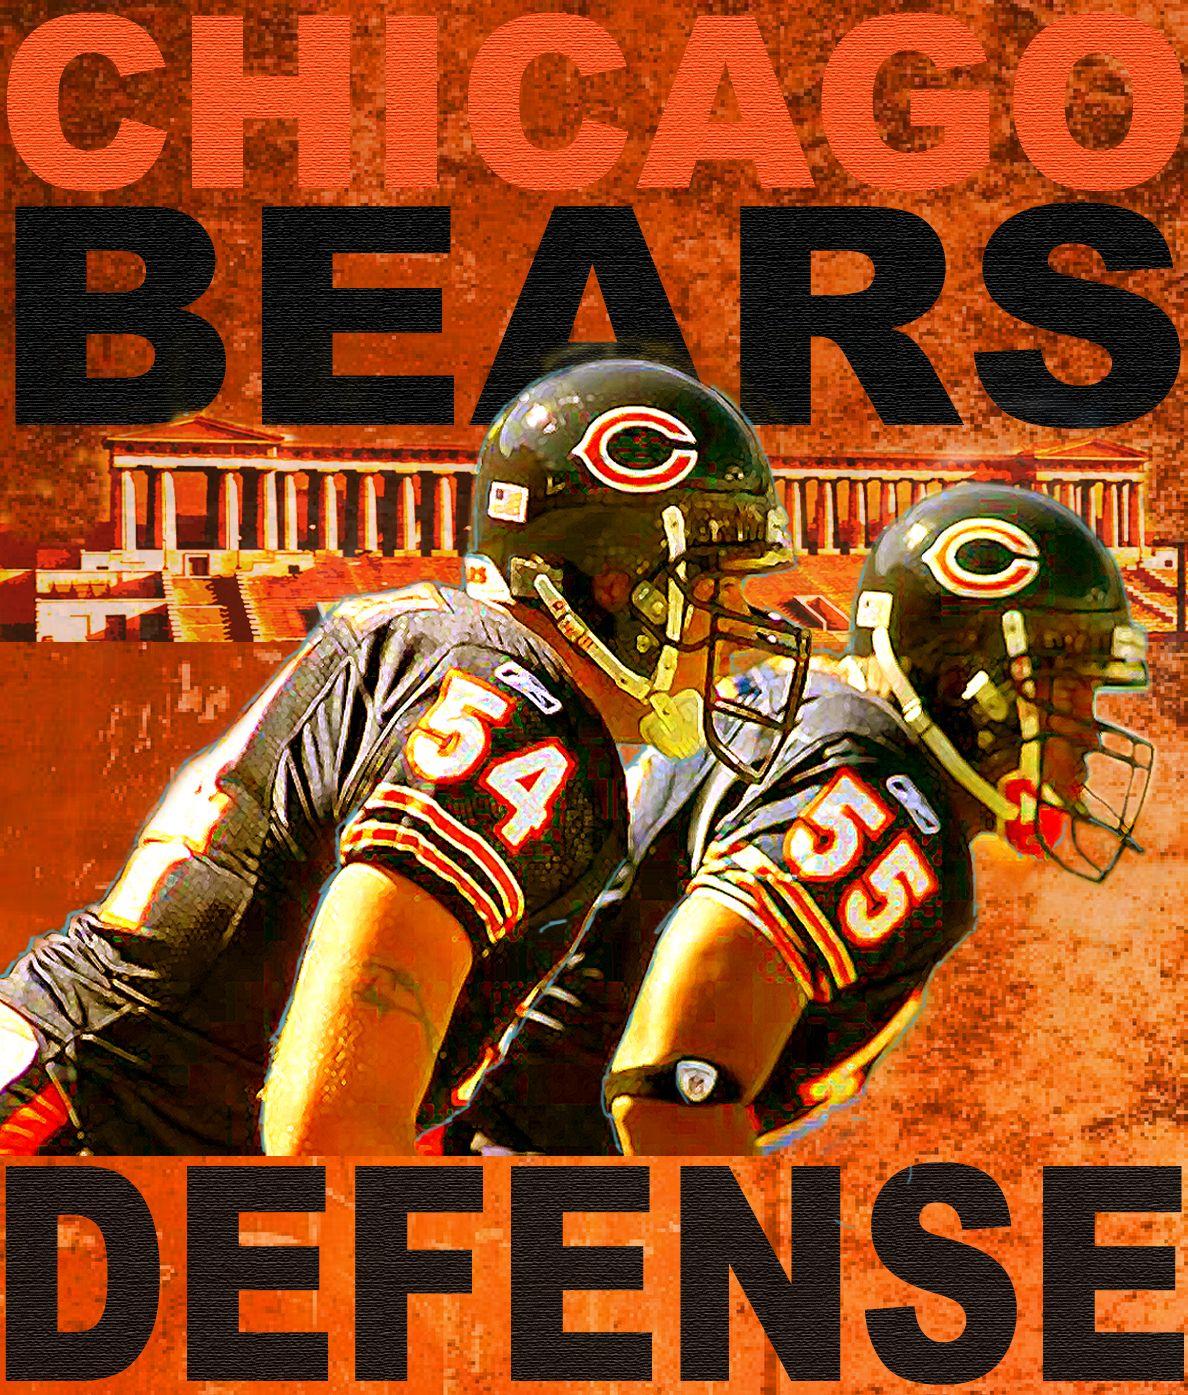 chicago bears poster art chicago